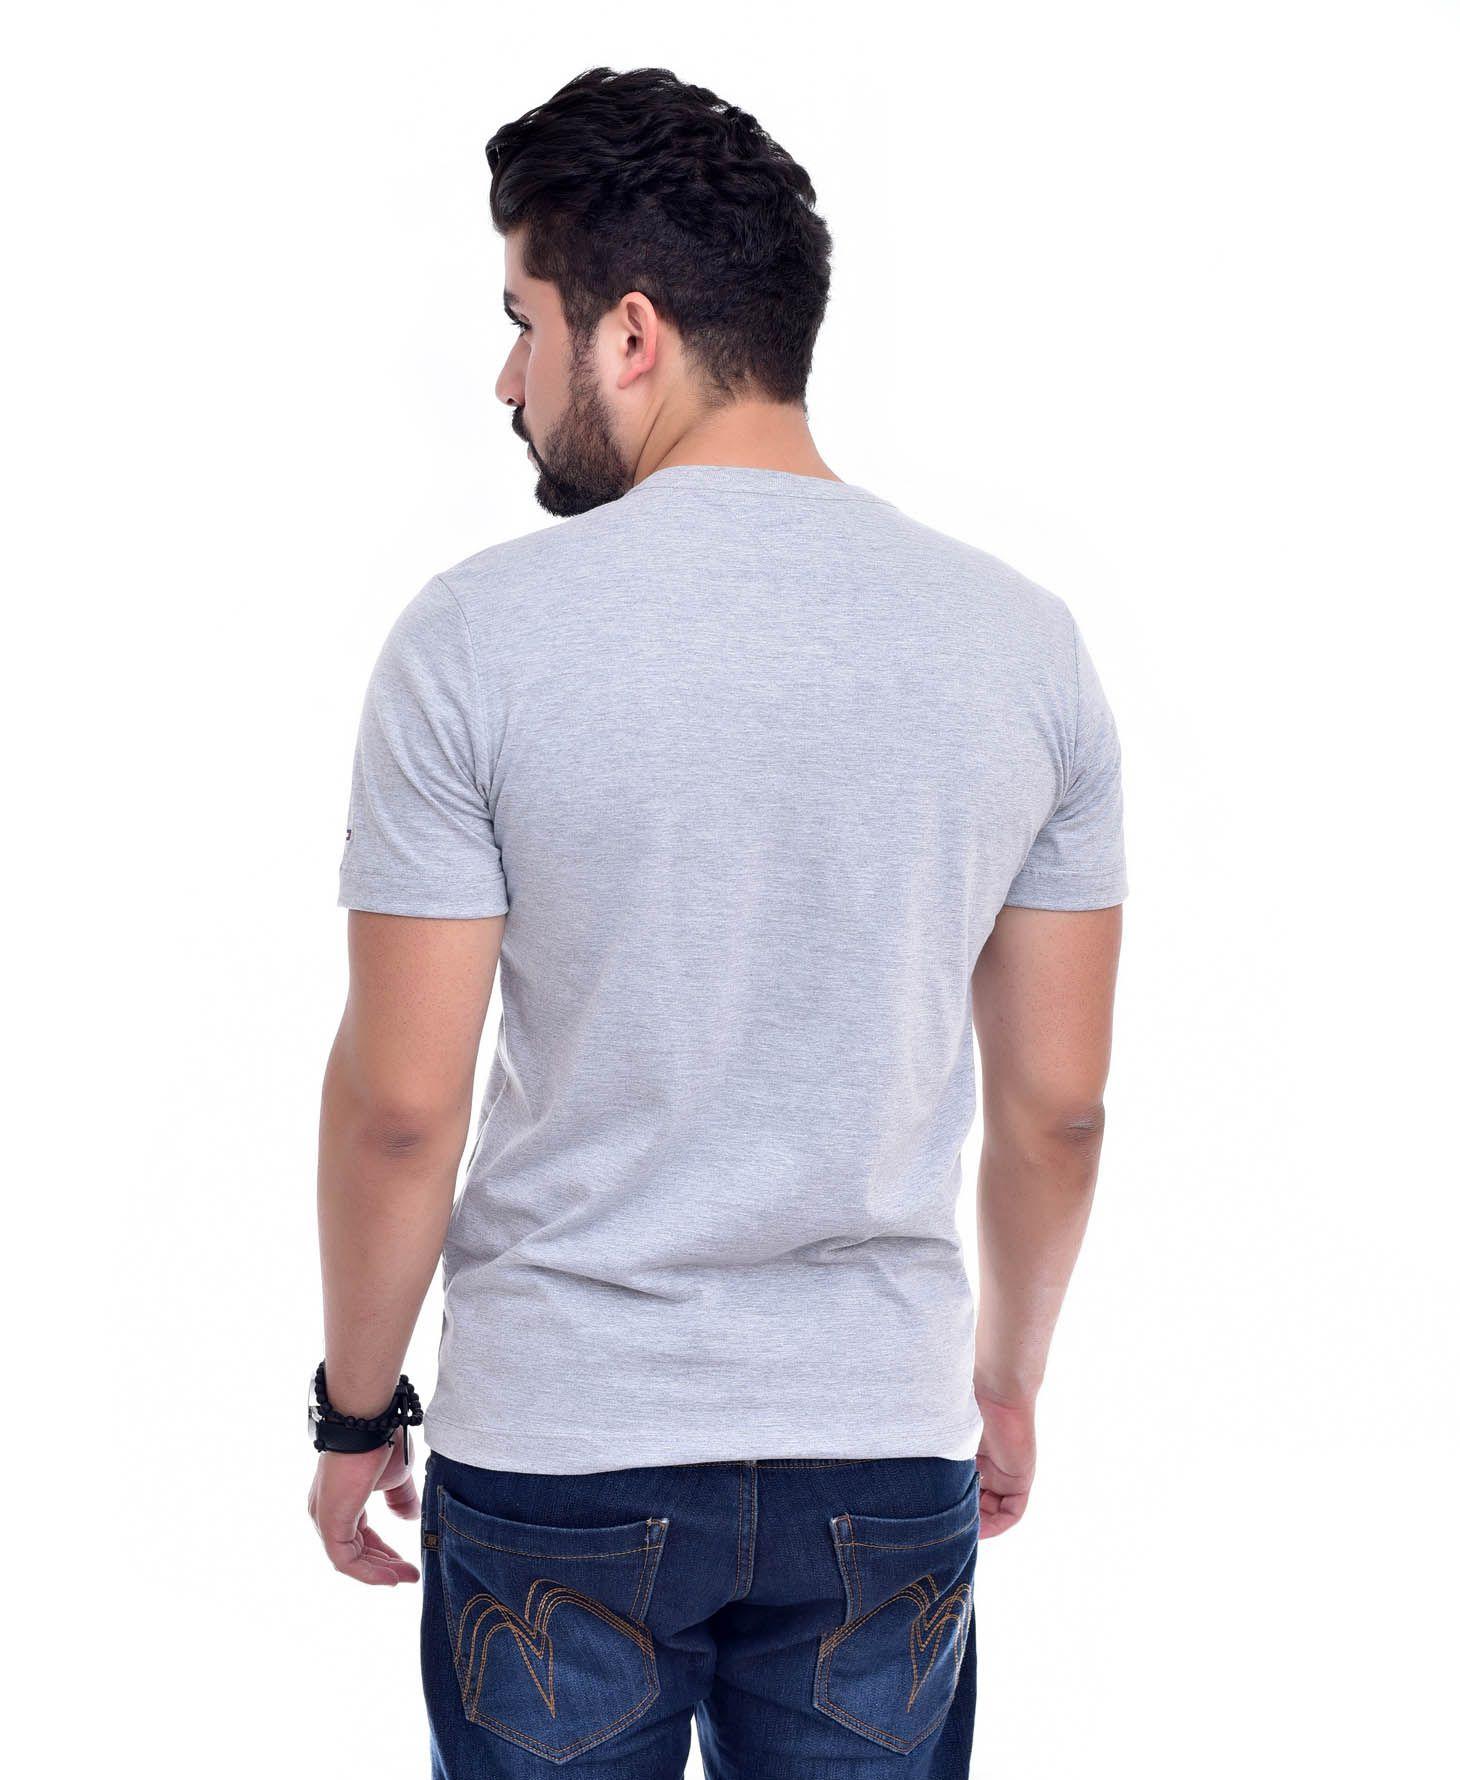 Camiseta Bolso TH Mescla Claro / ME  - Ca Brasileira